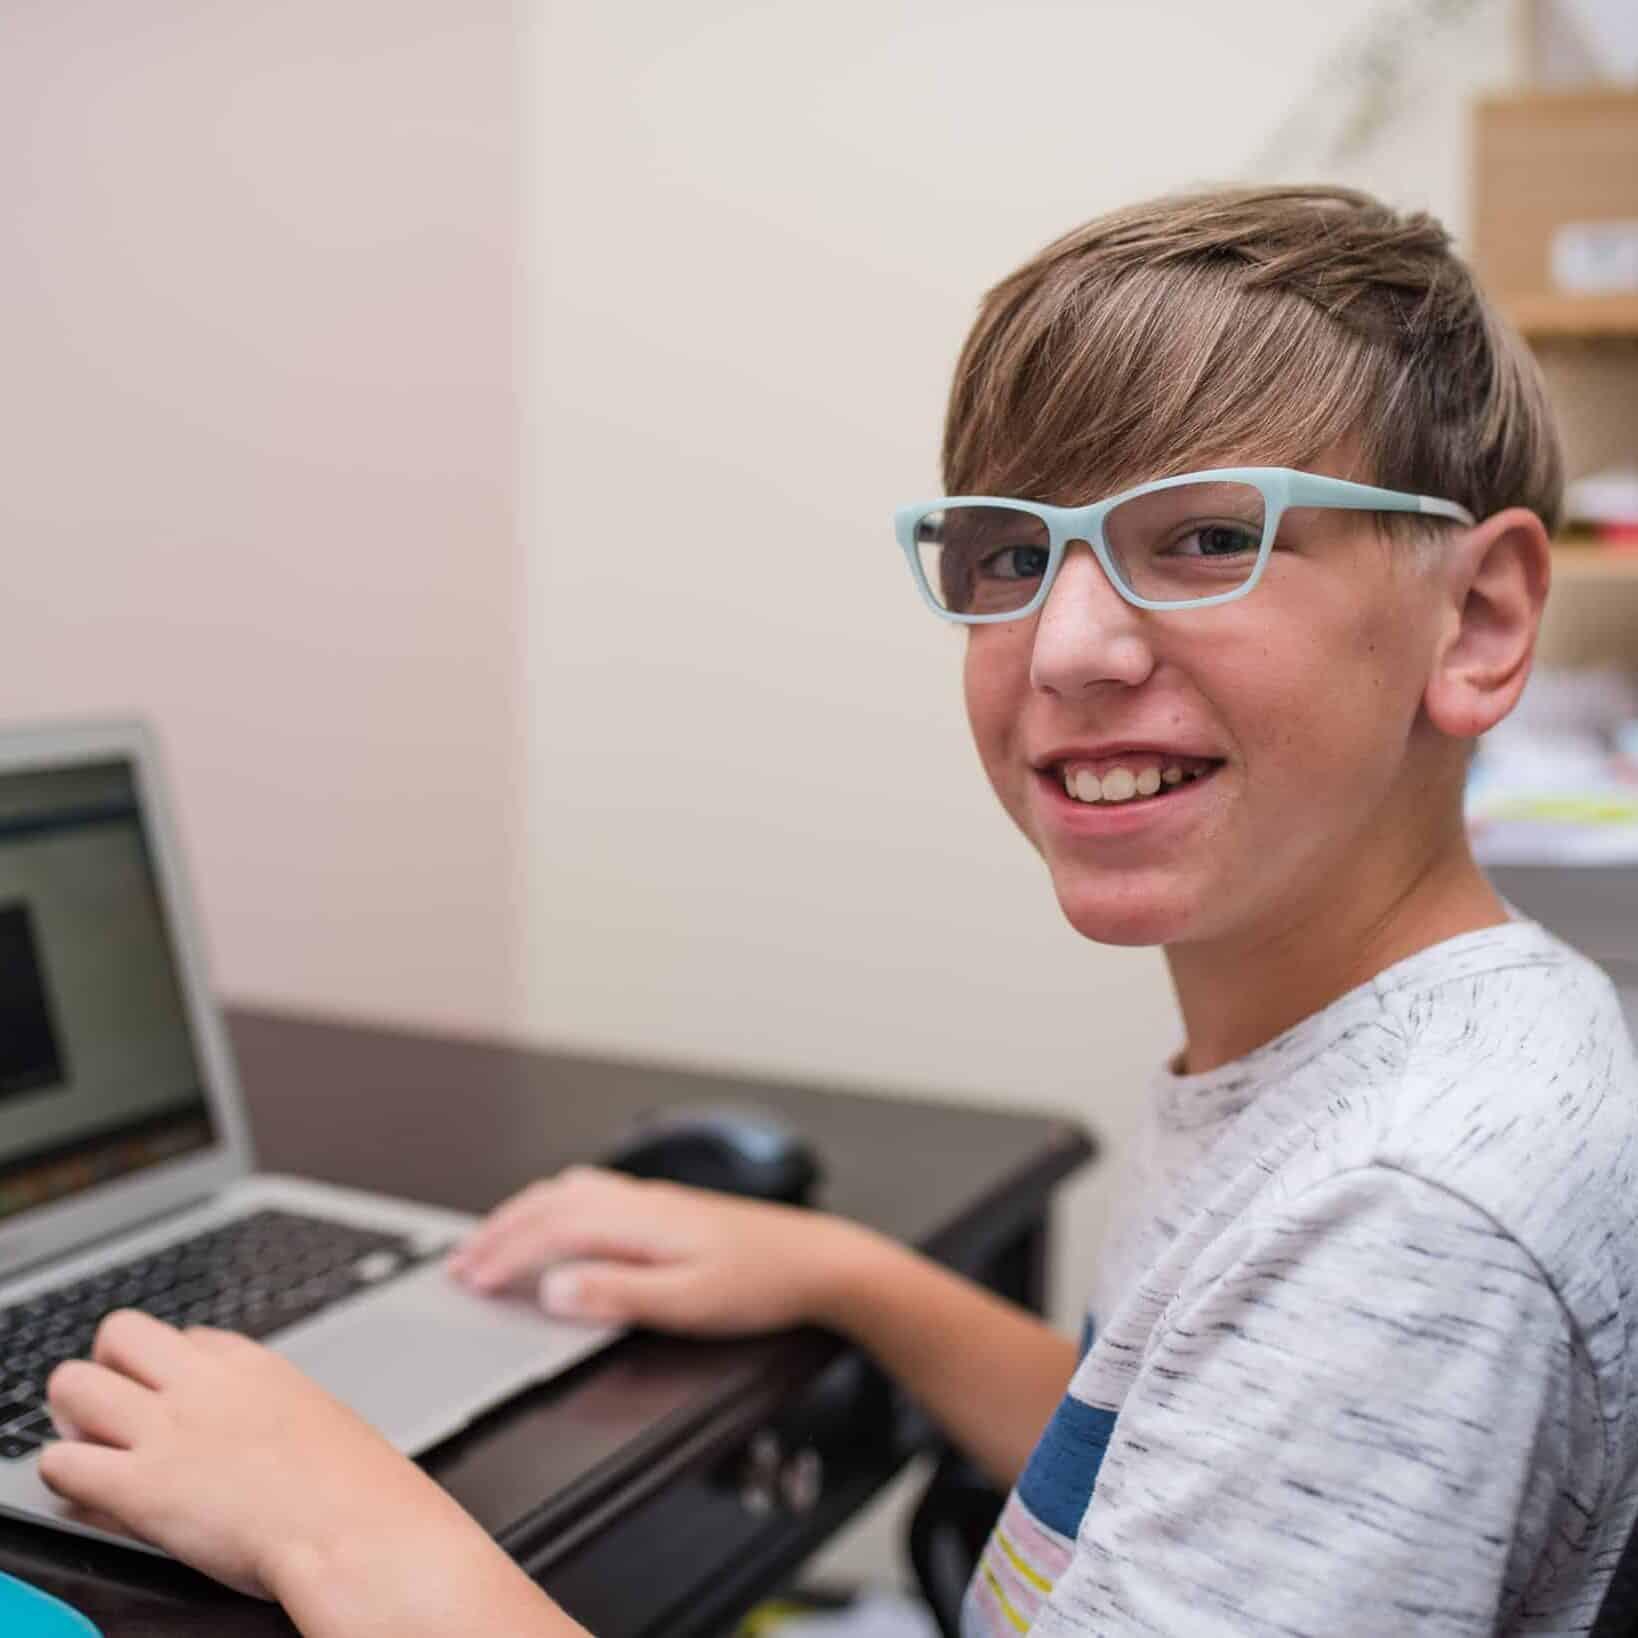 zennies blue light glasses for kids